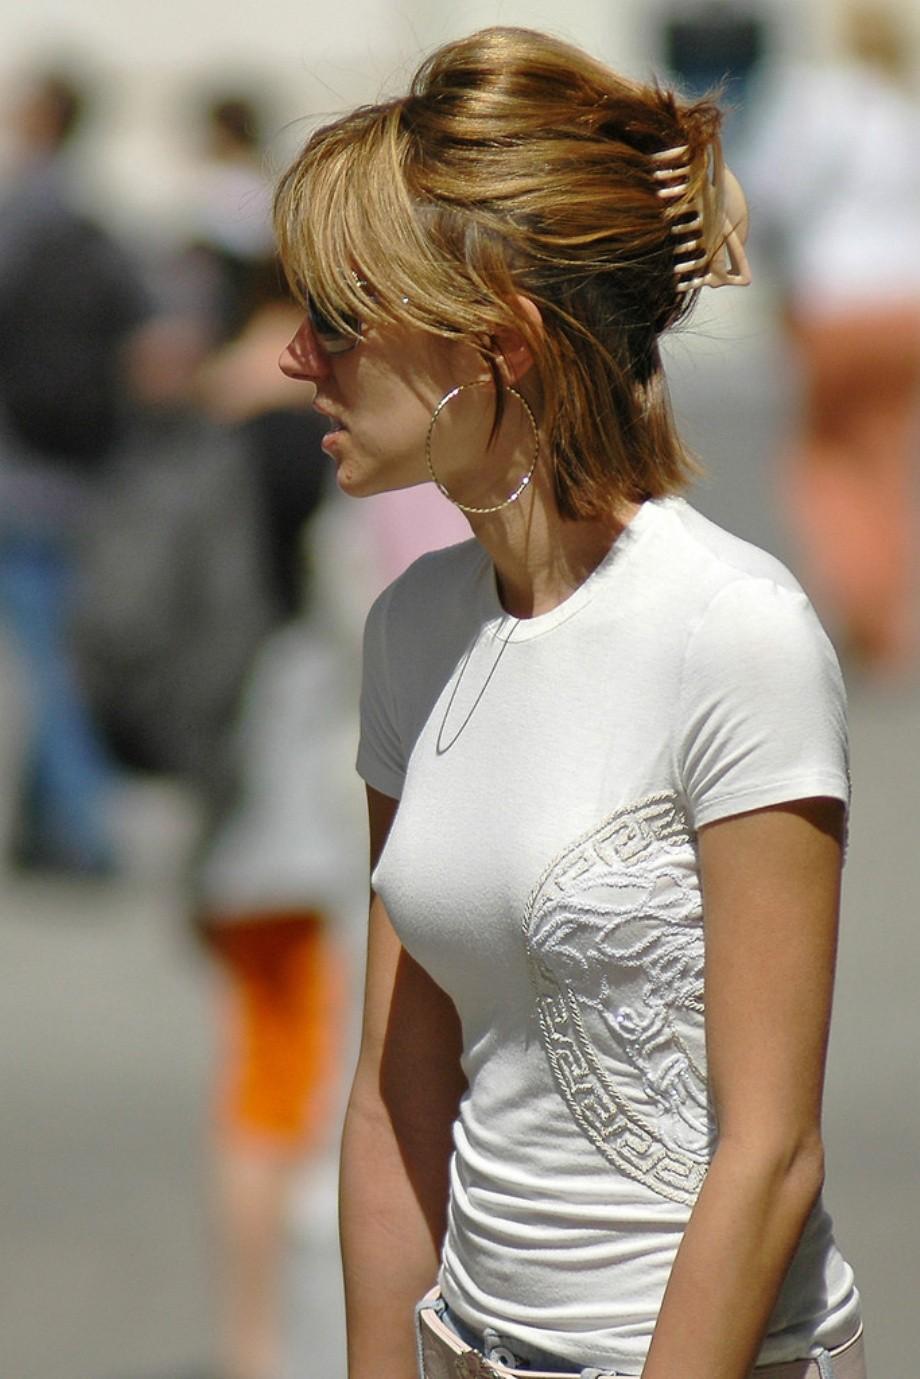 Смотреть что у женщин под одеждою 15 фотография